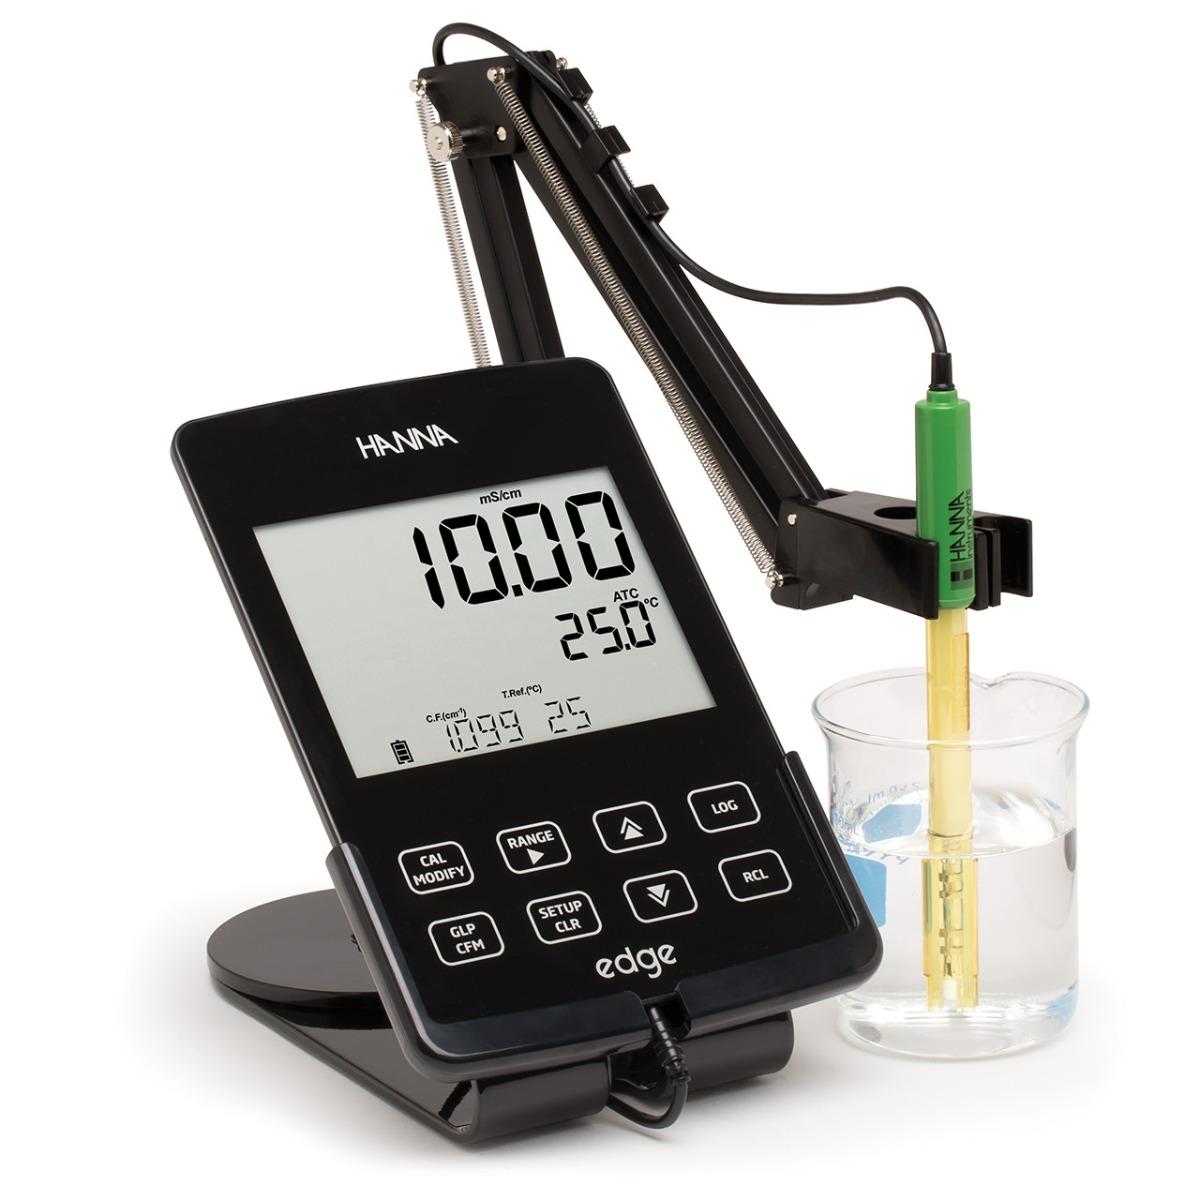 HI2030 - edge® Misuratore Multiparametro EC/TDS/Salinità